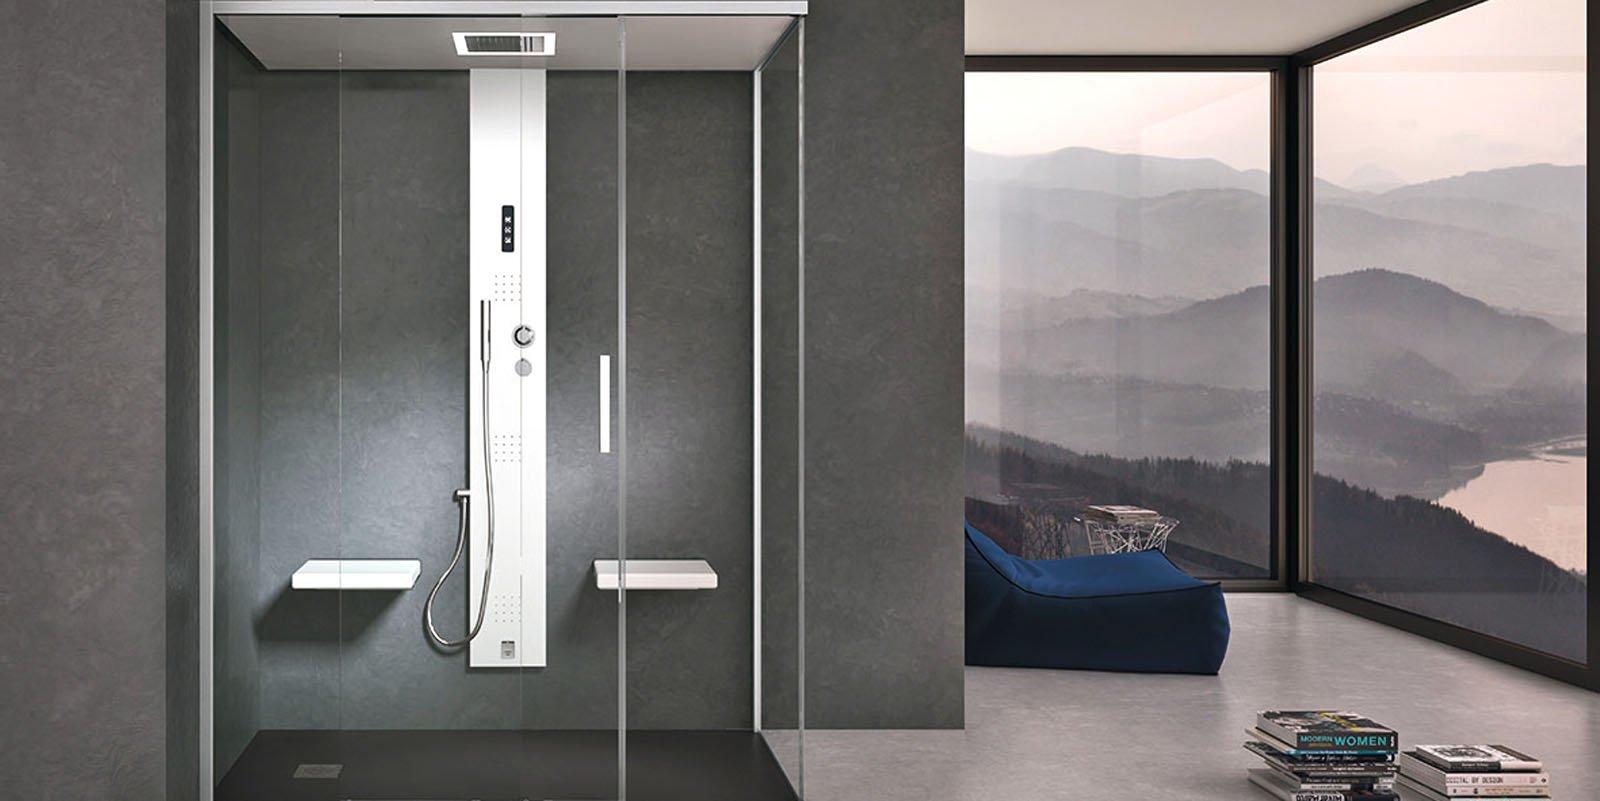 Doccia In Muratura Con Bagno Turco.Il Bagno Turco Nella Cabina Doccia Design Minimal Di Una